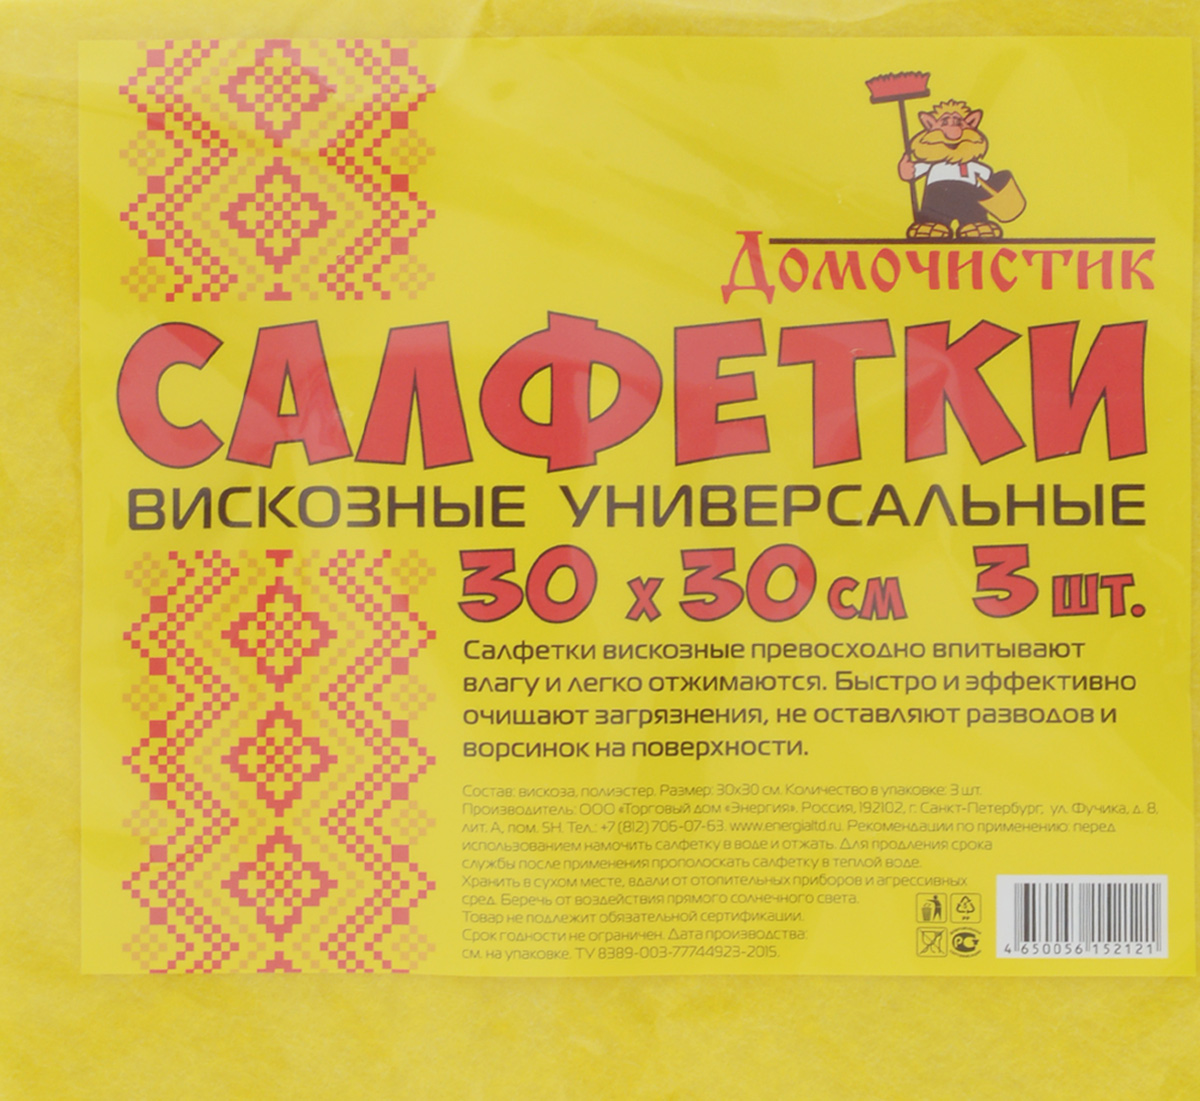 Салфетка для уборки Домочистик из вискозы, универсальная, цвет: желтый, 30 x 30 см, 3 шт531-105Универсальные салфетки для уборки Домочистик, выполненные из вискозы и полиэстера, превосходно впитывают влагу и легко отжимаются. Они быстро и эффективно очищают загрязнения, не оставляя разводов. Размер салфетки: 30 x 30 см.